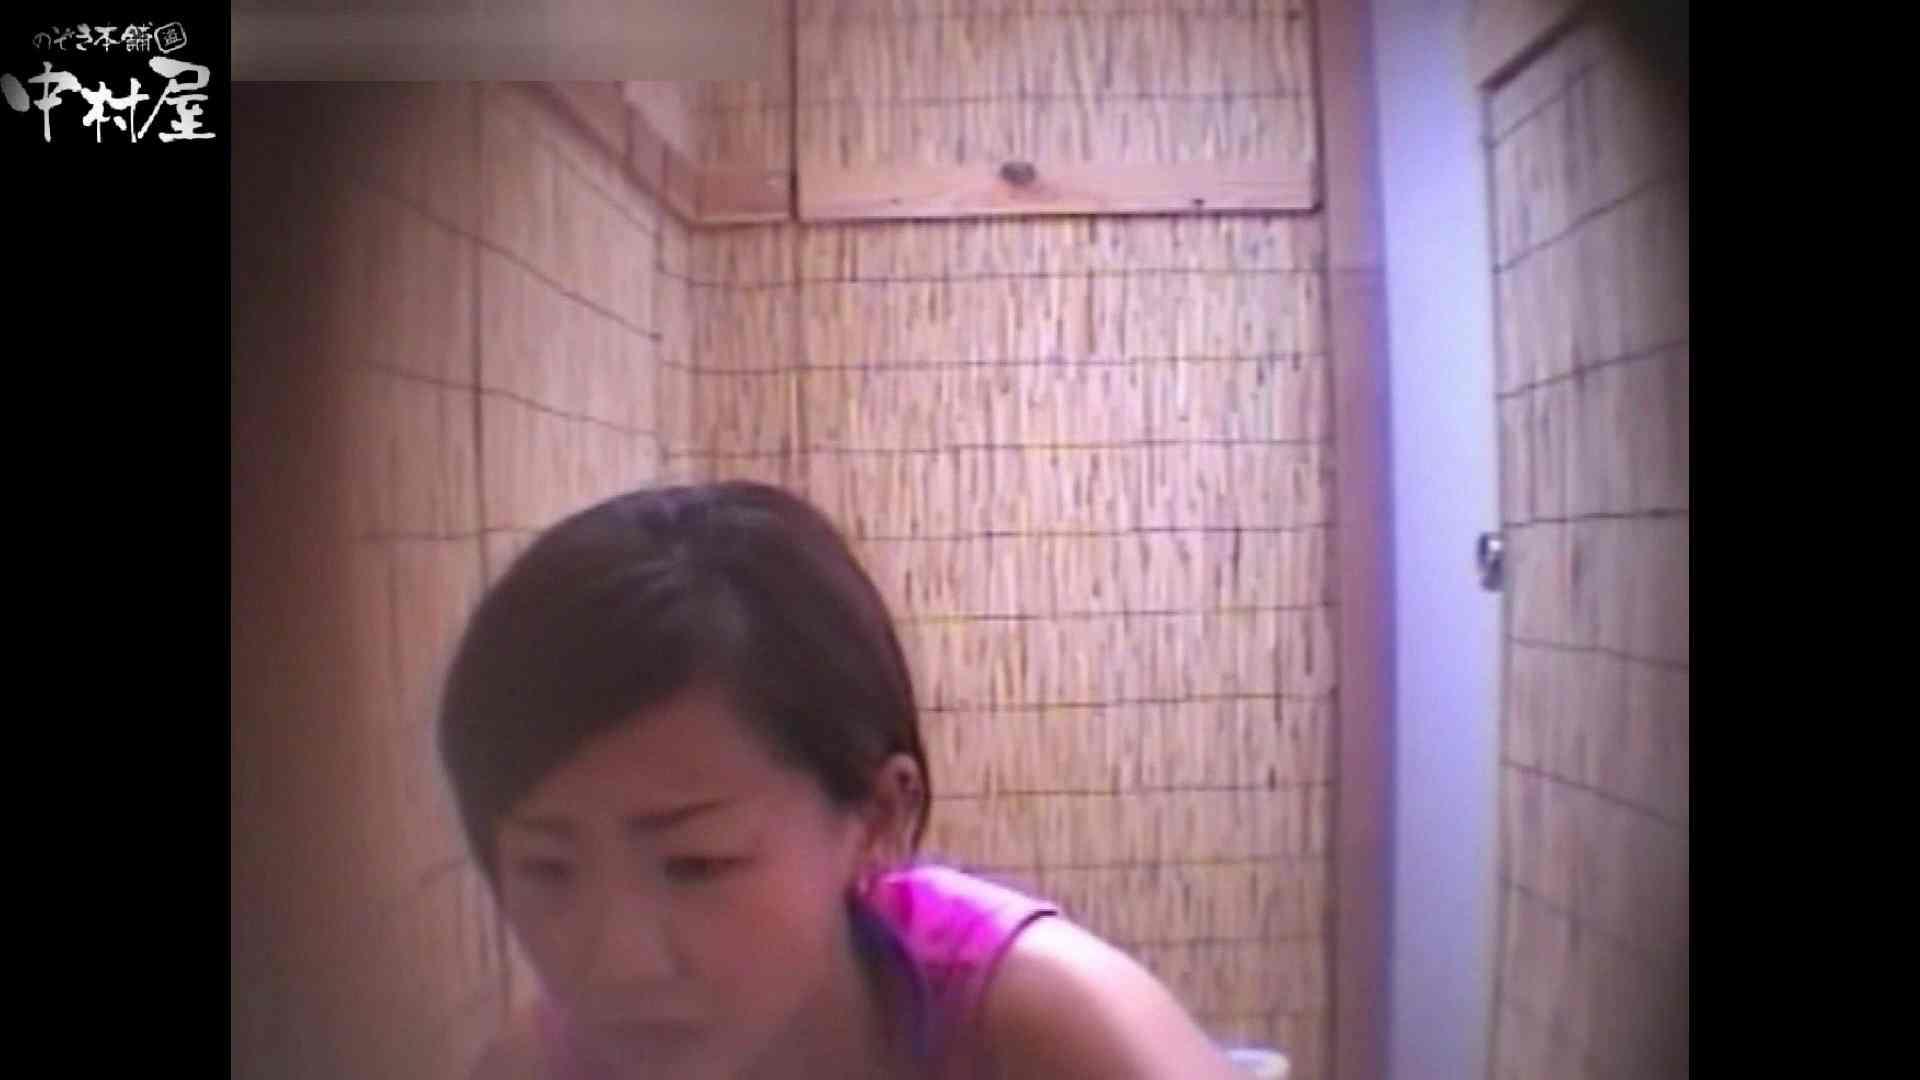 解禁!海の家4カメ洗面所vol.73 ギャルのエロ動画 SEX無修正画像 76PIX 8